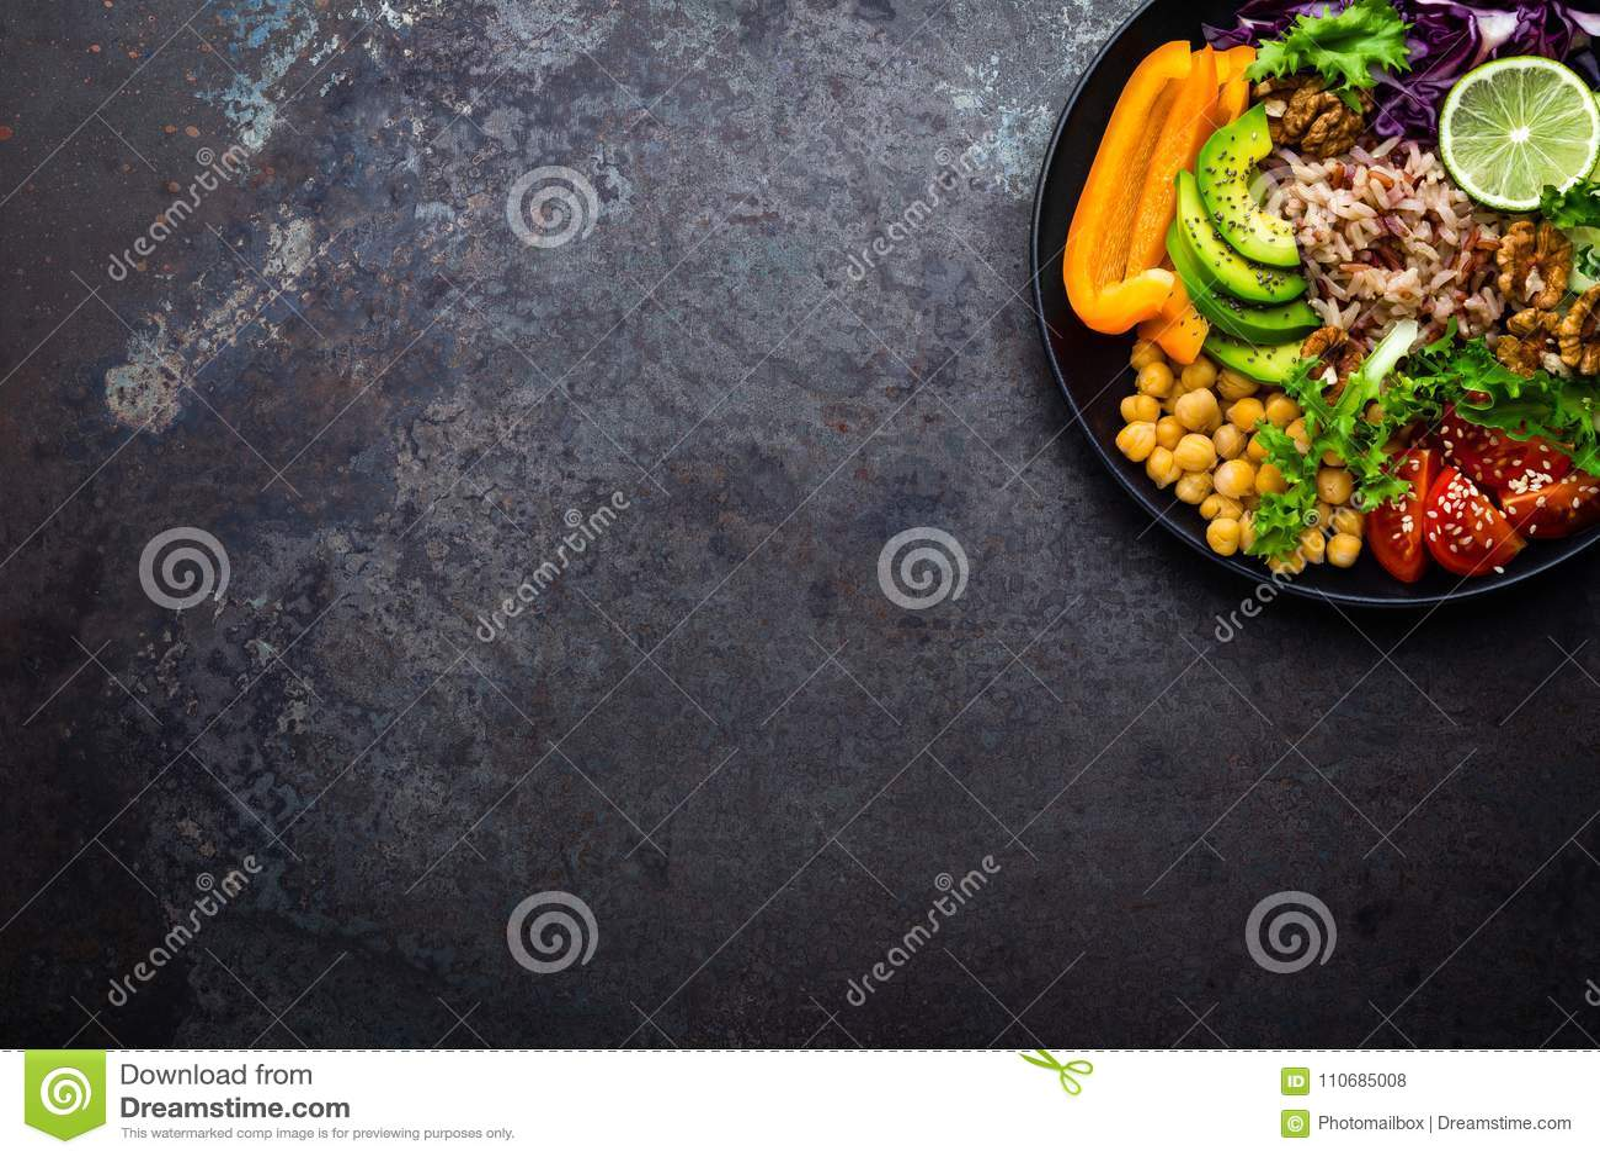 De komschotel van Boedha met ongepelde rijst, avocado, peper, tomaat, komkommer, rode kool, kikkererwt, verse slasalade en okkern